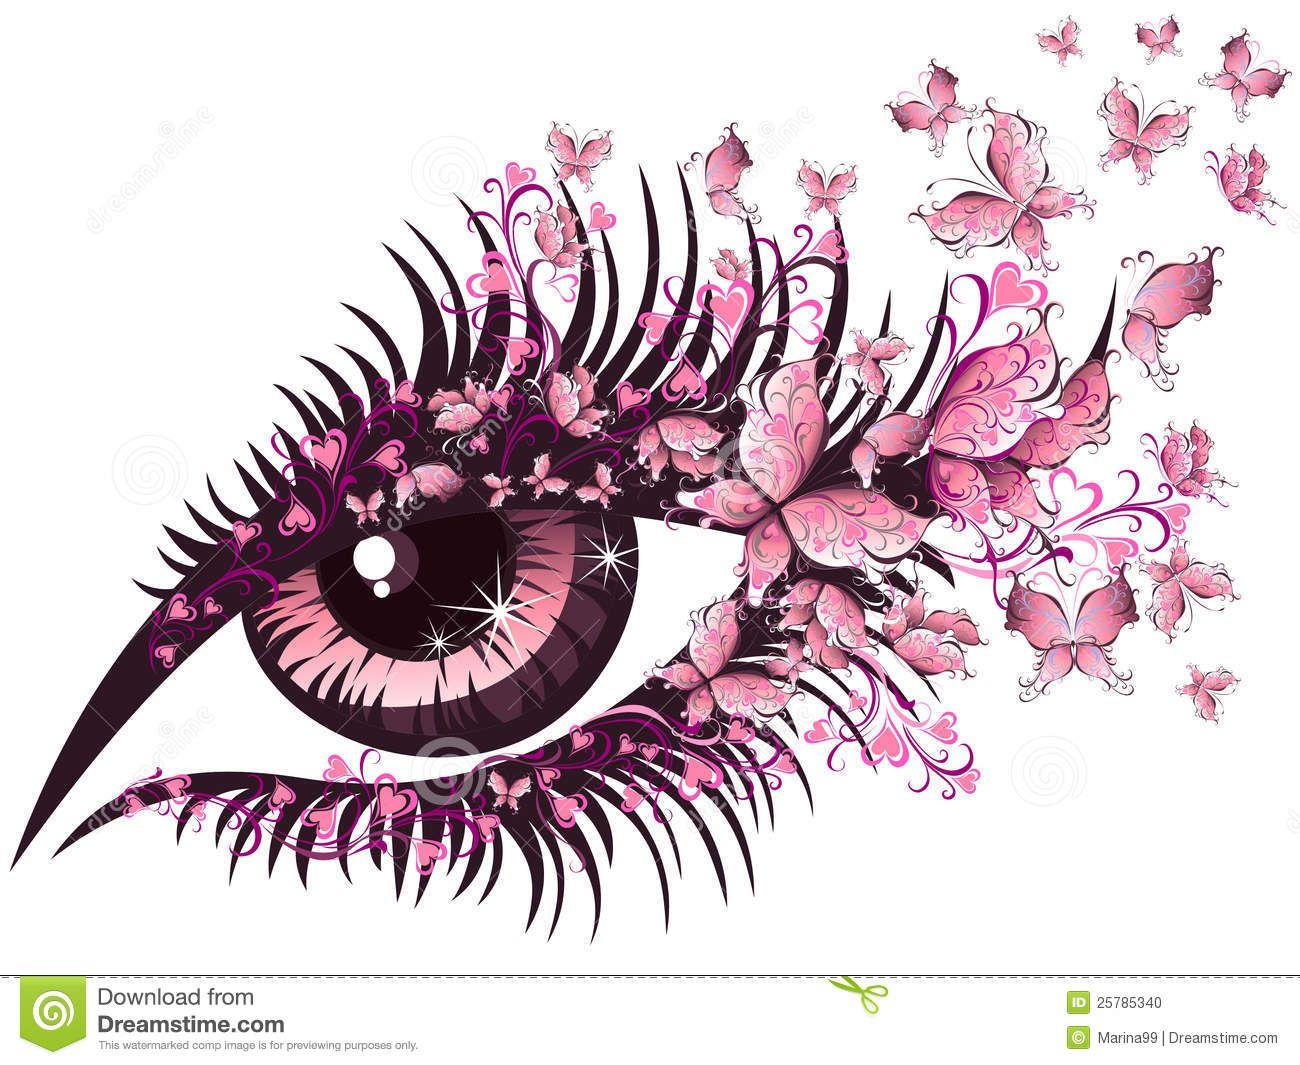 Imagenes Flores Caricatura Buscar Con Google: Imagenes De Flores - Buscar Con Google